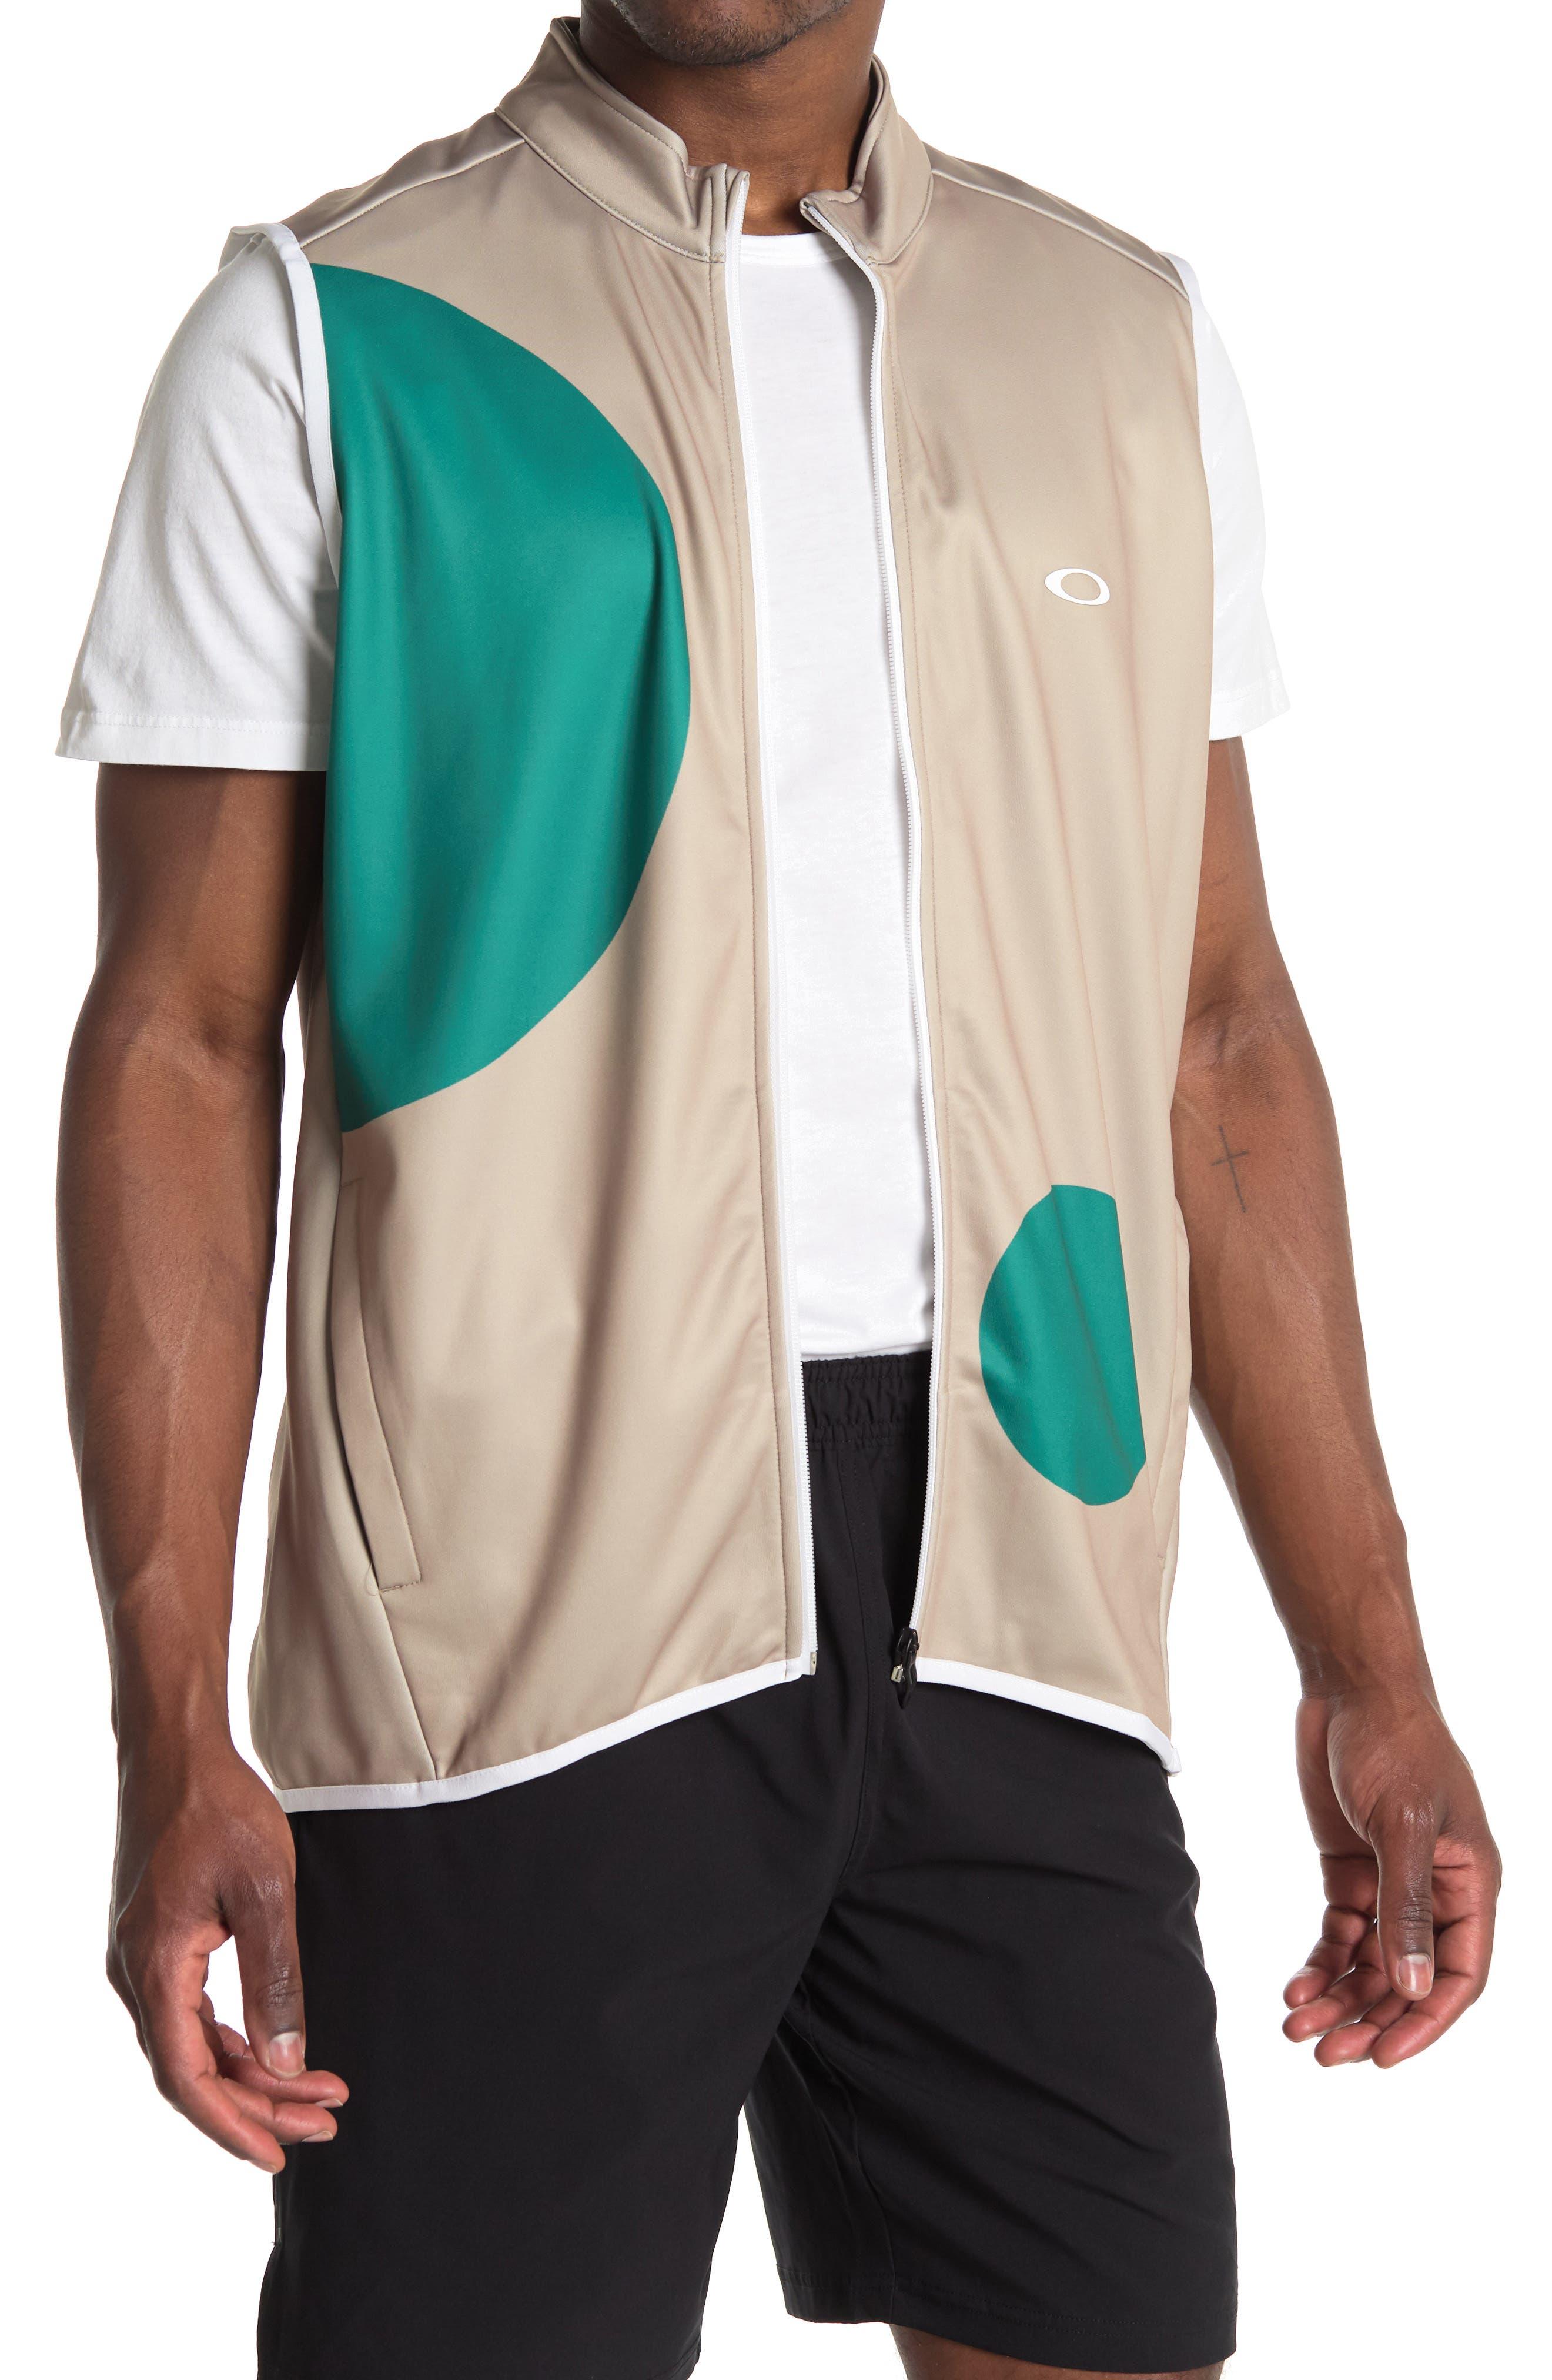 Image of Oakley Staple Range Vest